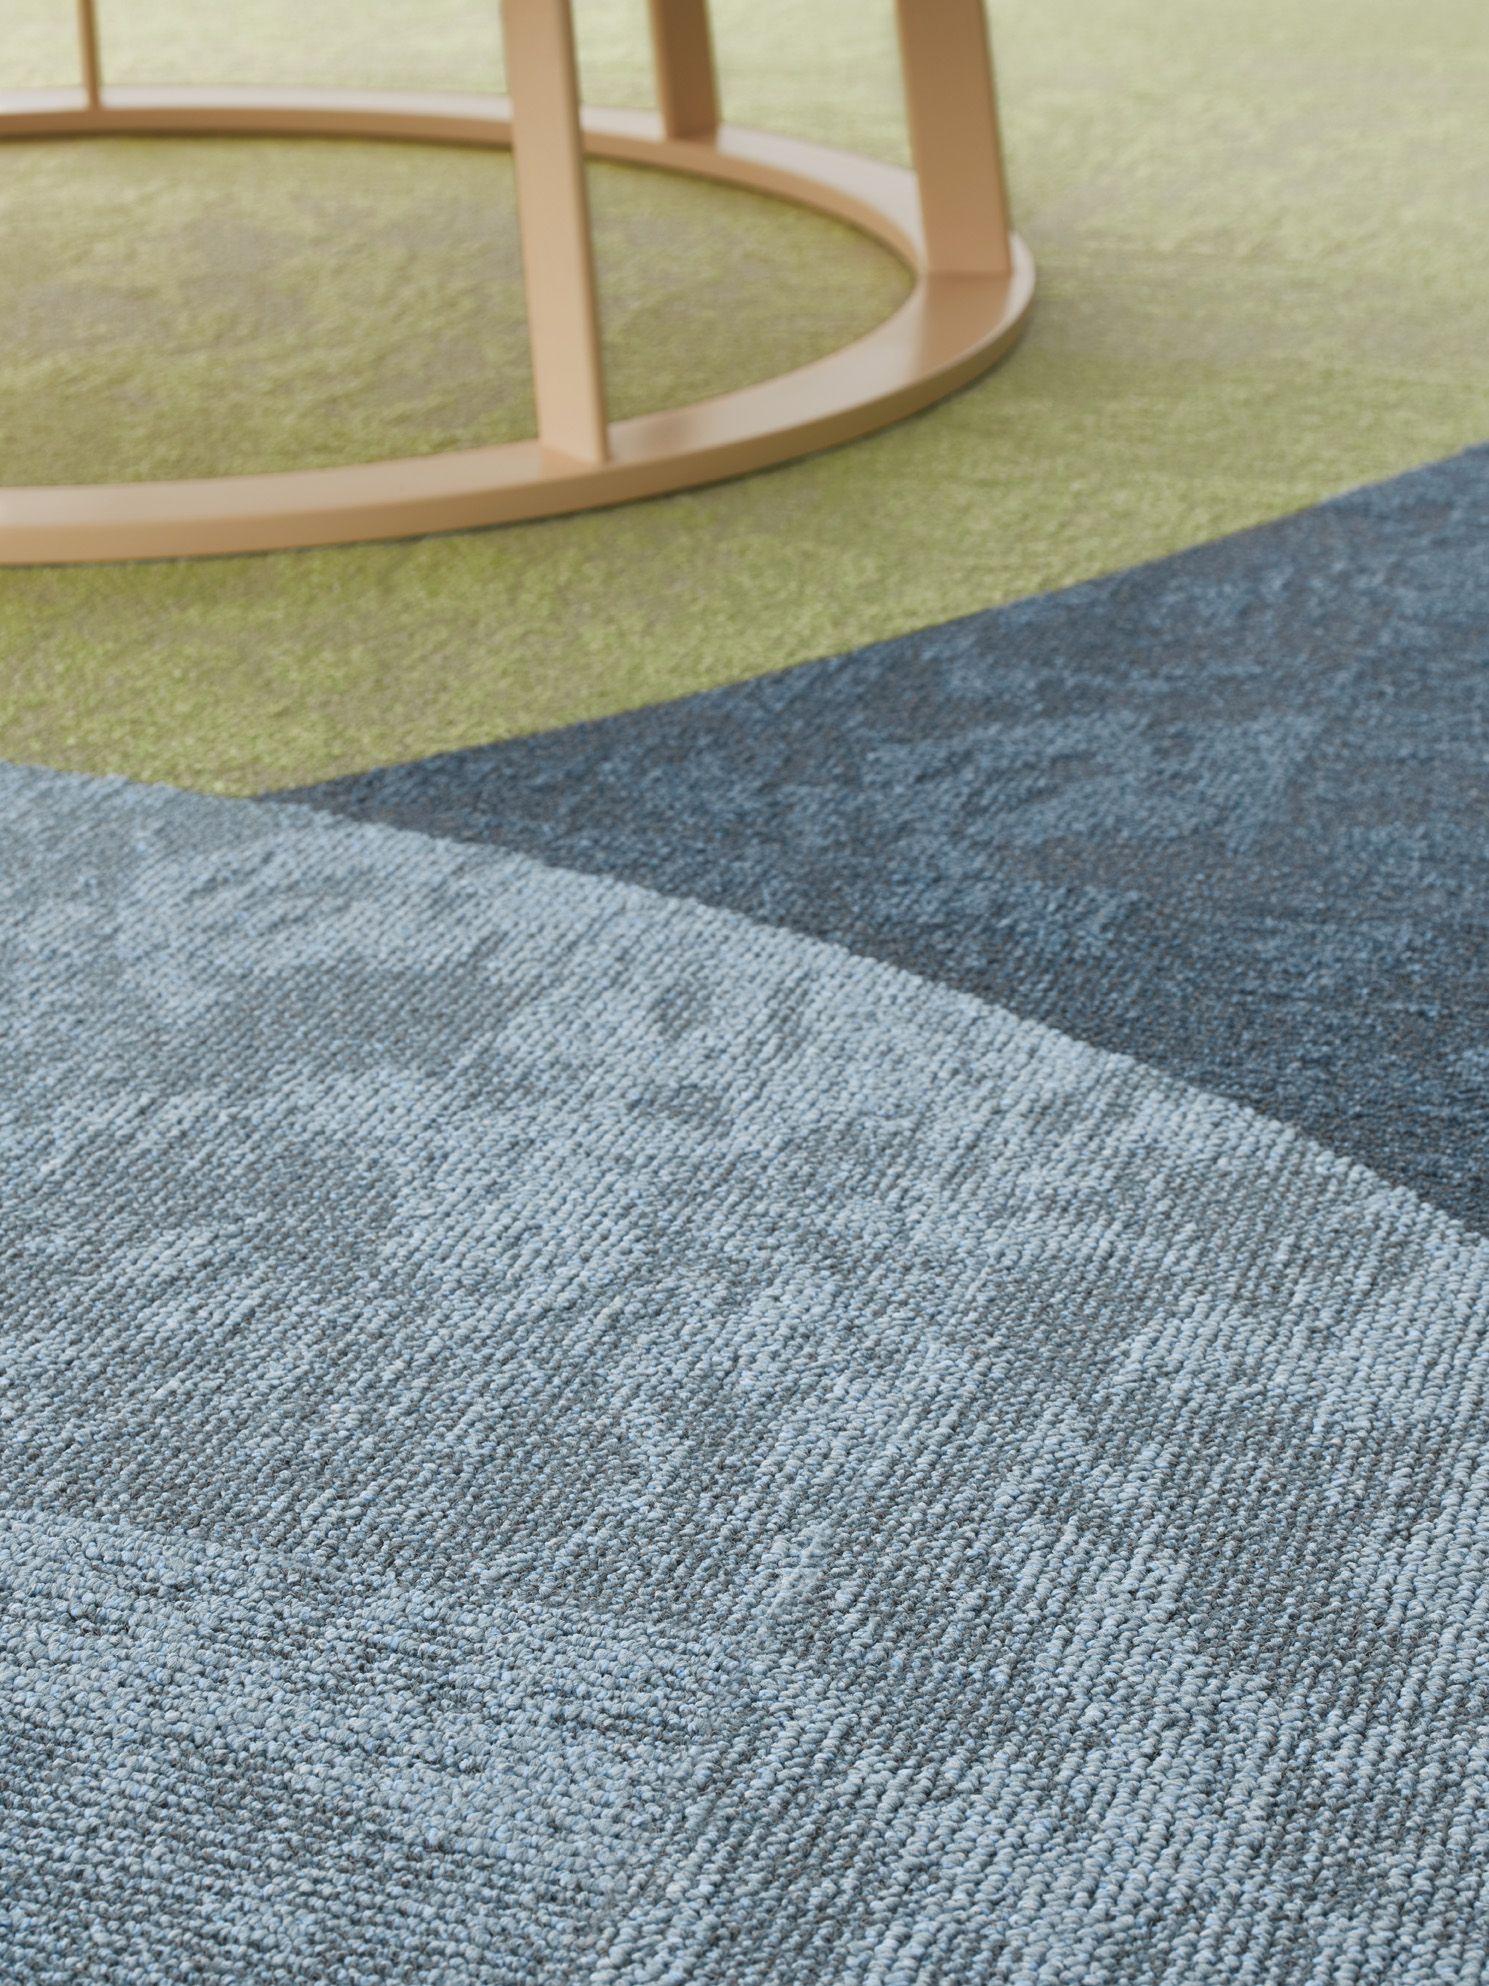 Desso Desert Airmaster 8834 8901 7082 Carpet Tiles Carpet Deserts